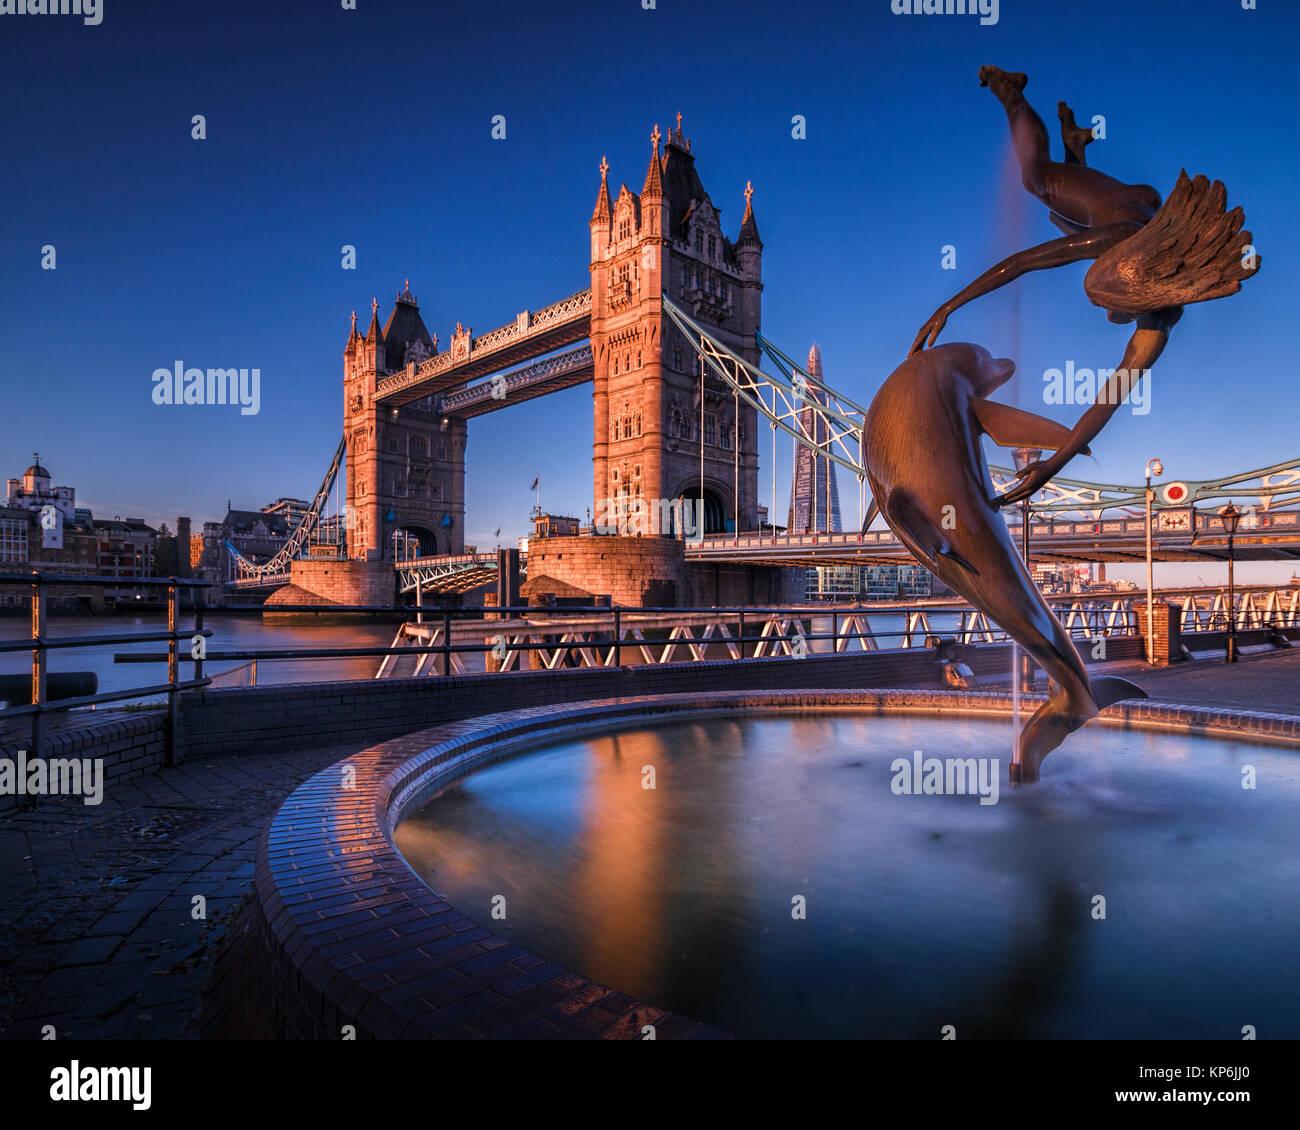 Mädchen mit einem Delphin Skulptur von den späten David Wynne (1973) Neben der Tower Bridge, London Stockfoto